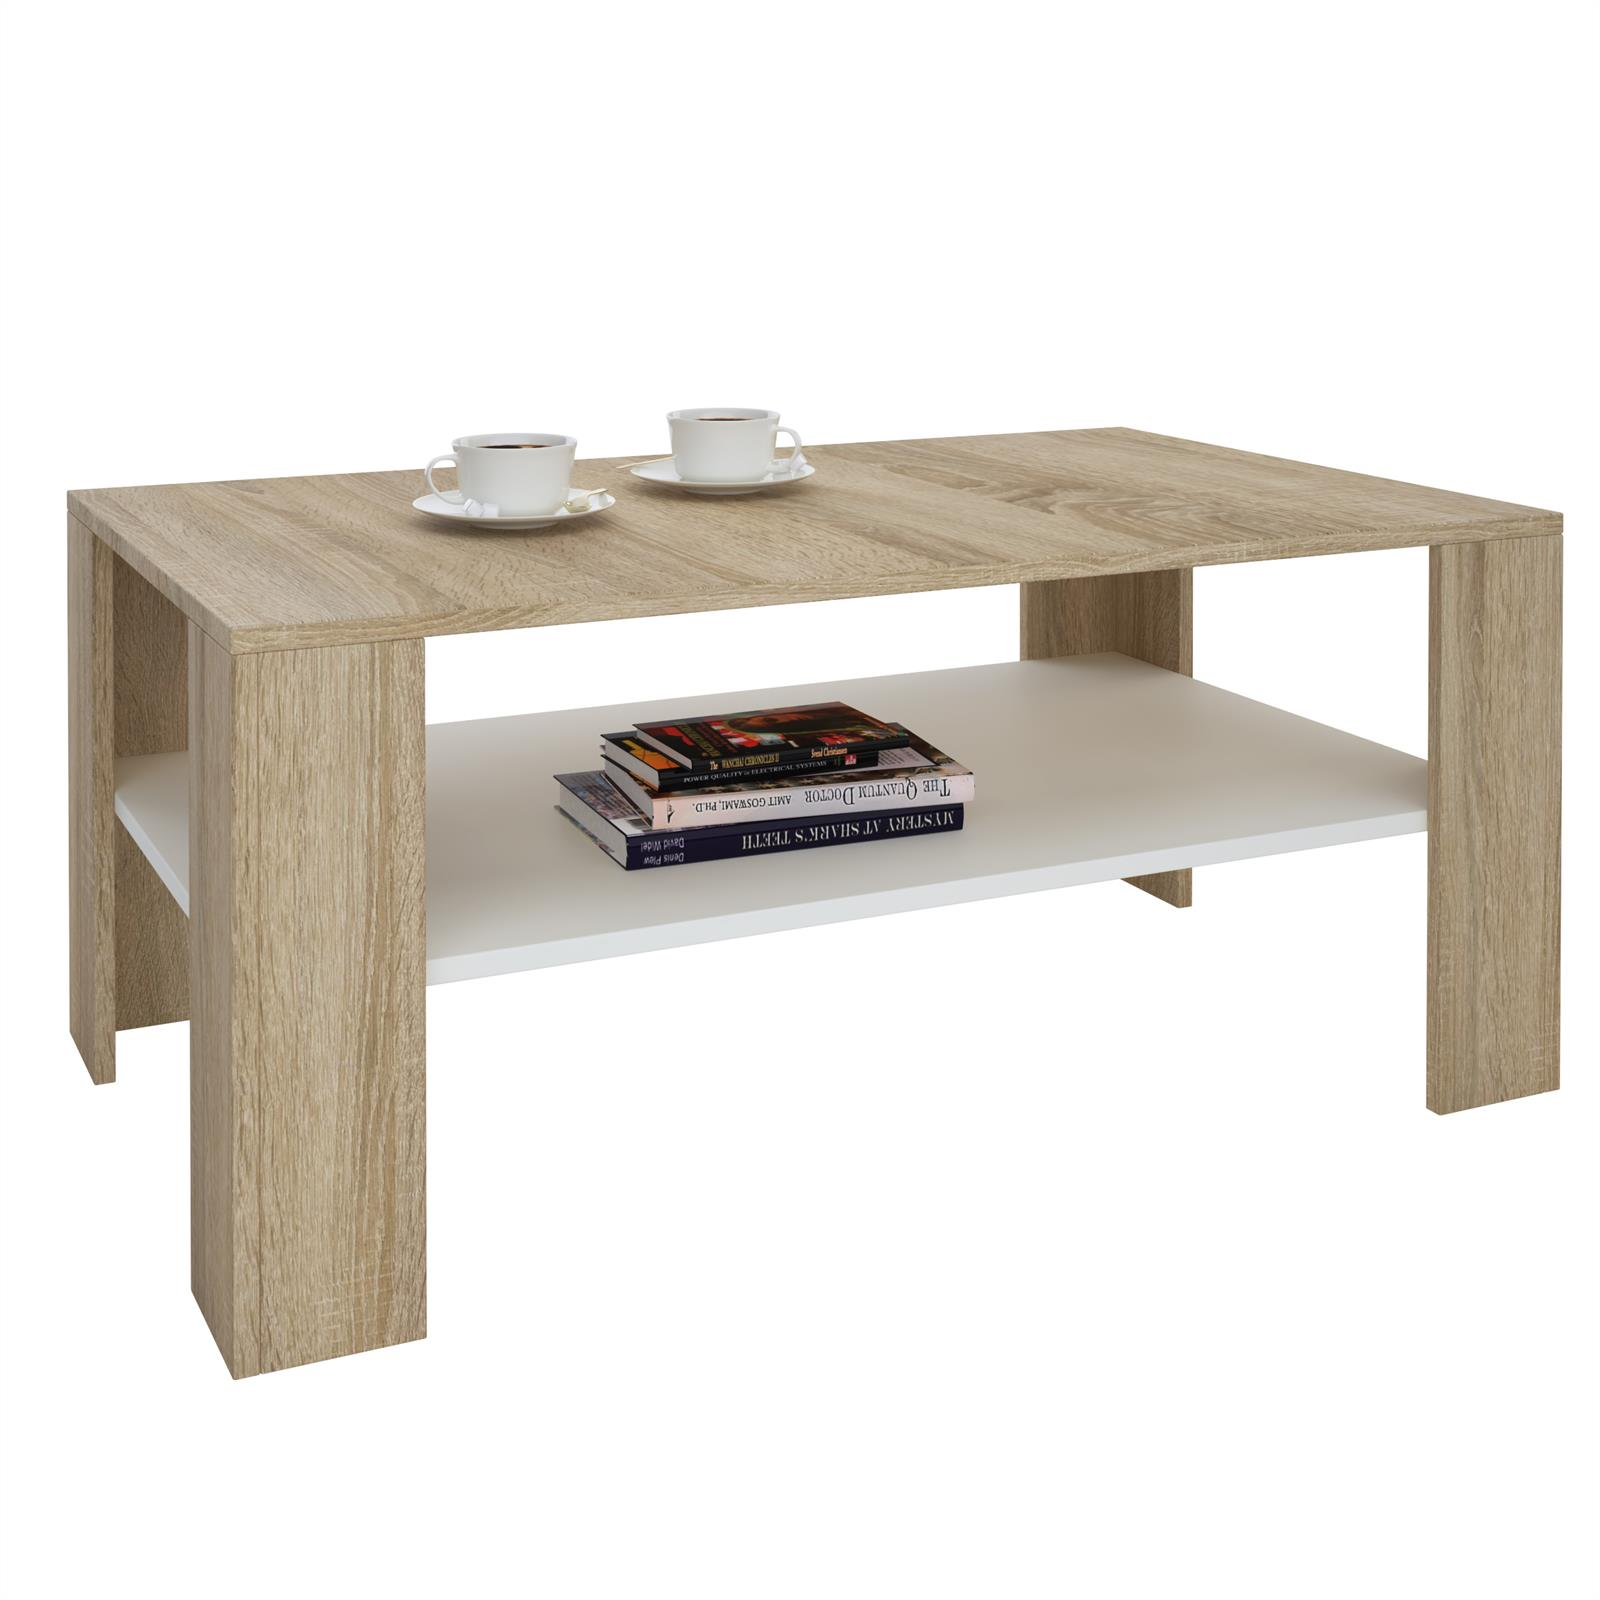 couchtisch wohnzimmer beistell sofa 100 x 60 cm in 12 farben mit ablage ebay. Black Bedroom Furniture Sets. Home Design Ideas